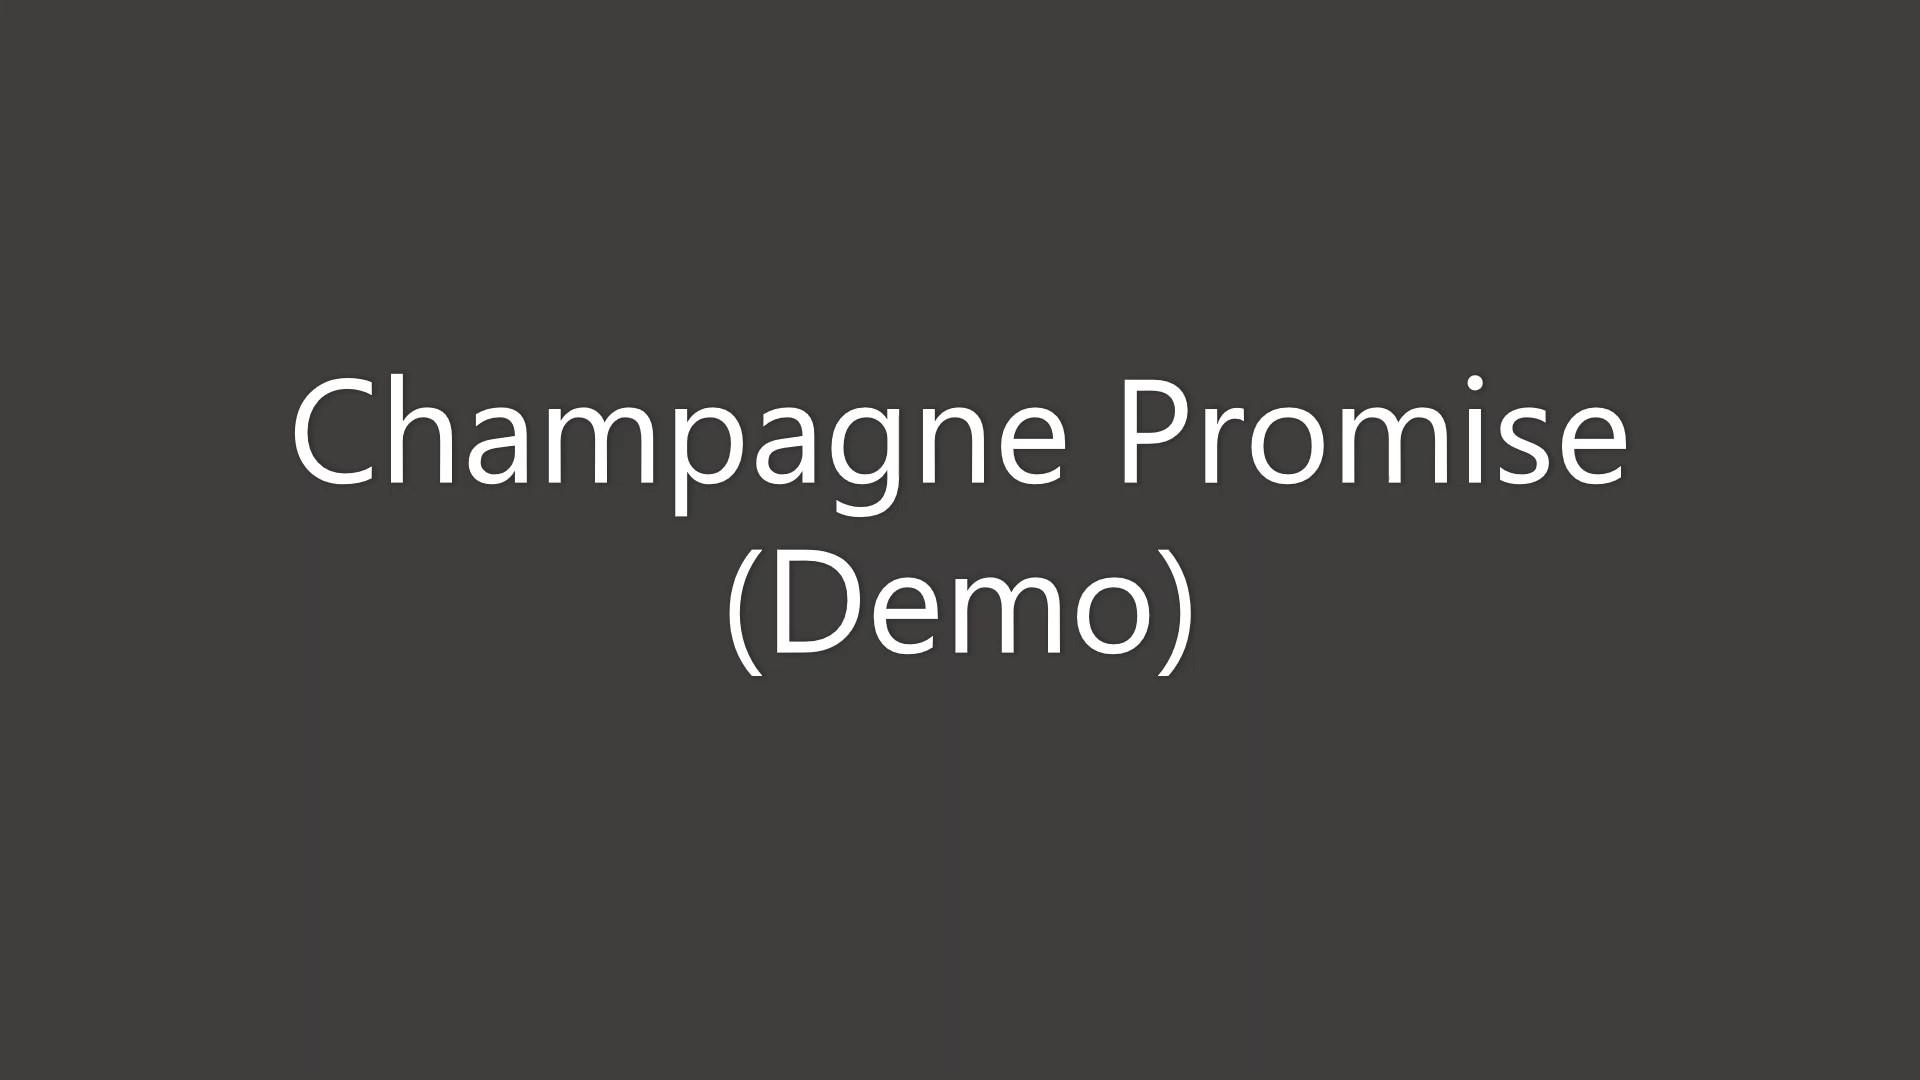 Chanpaigne Promise